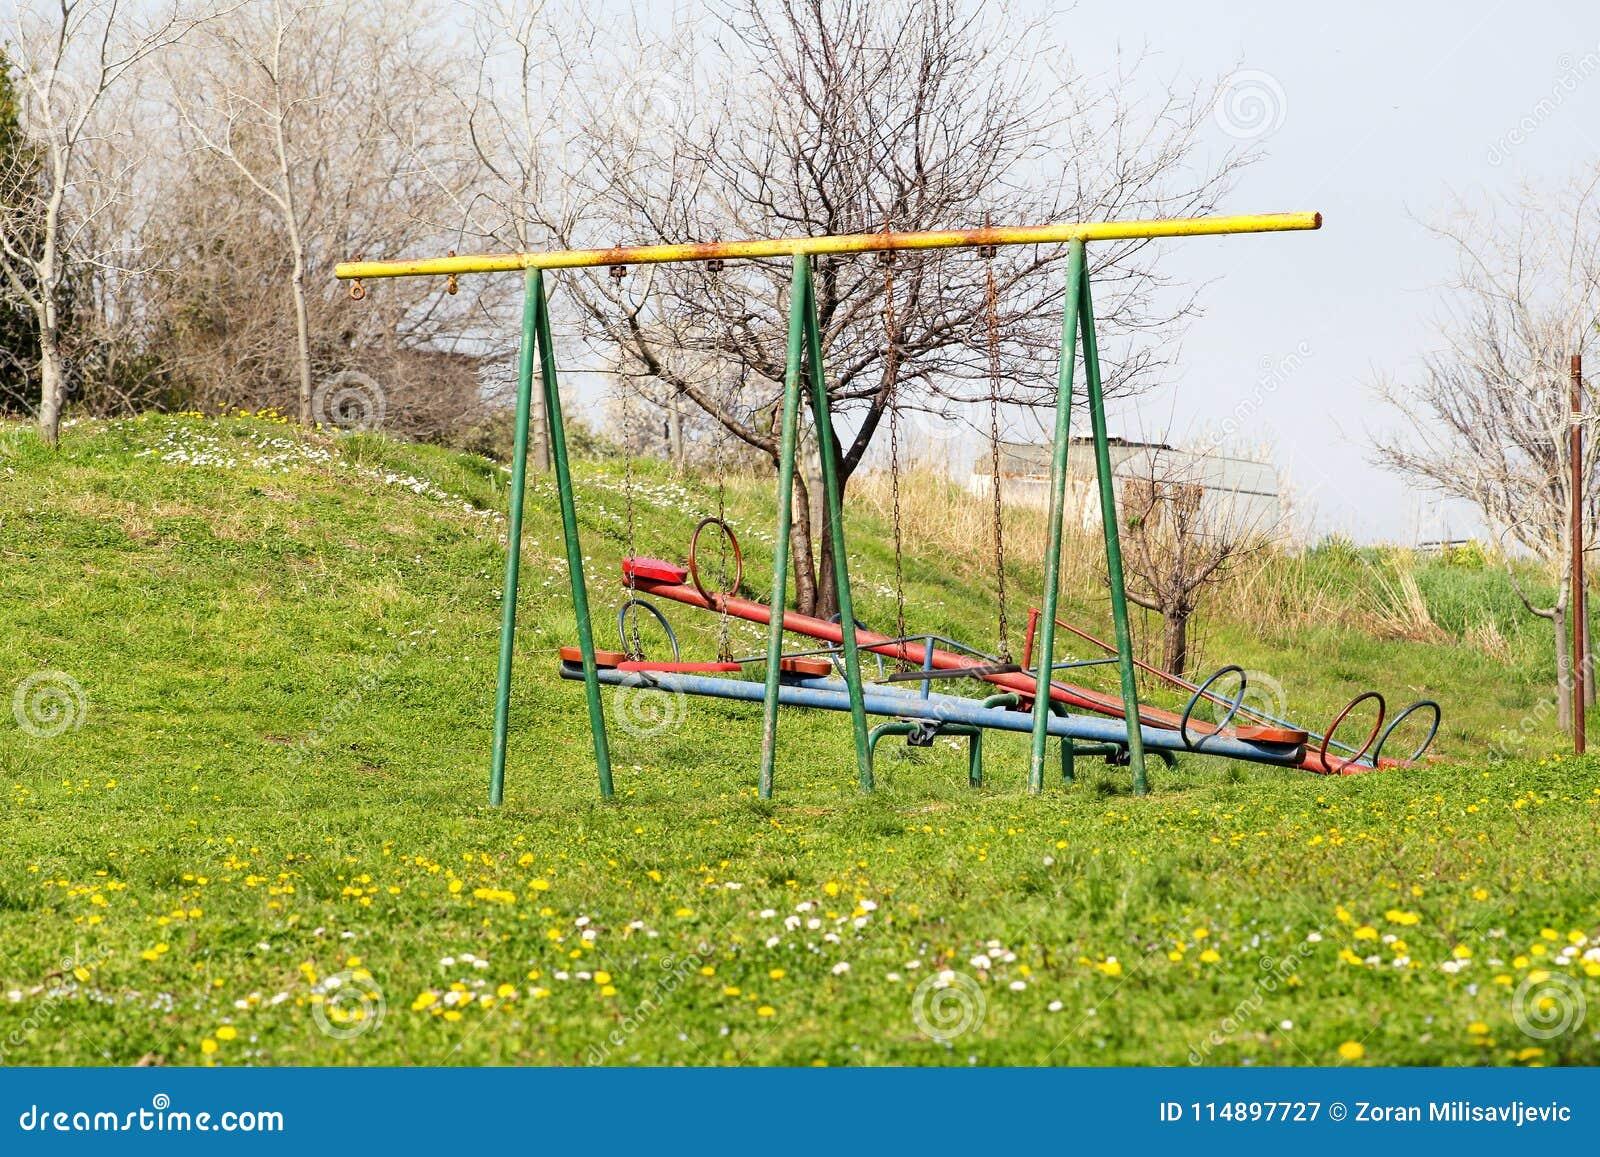 Due oscillazioni e movimenti alternati vuoti dei bambini alle attività del campo da giuoco in parco pubblico/ambiente naturale, l